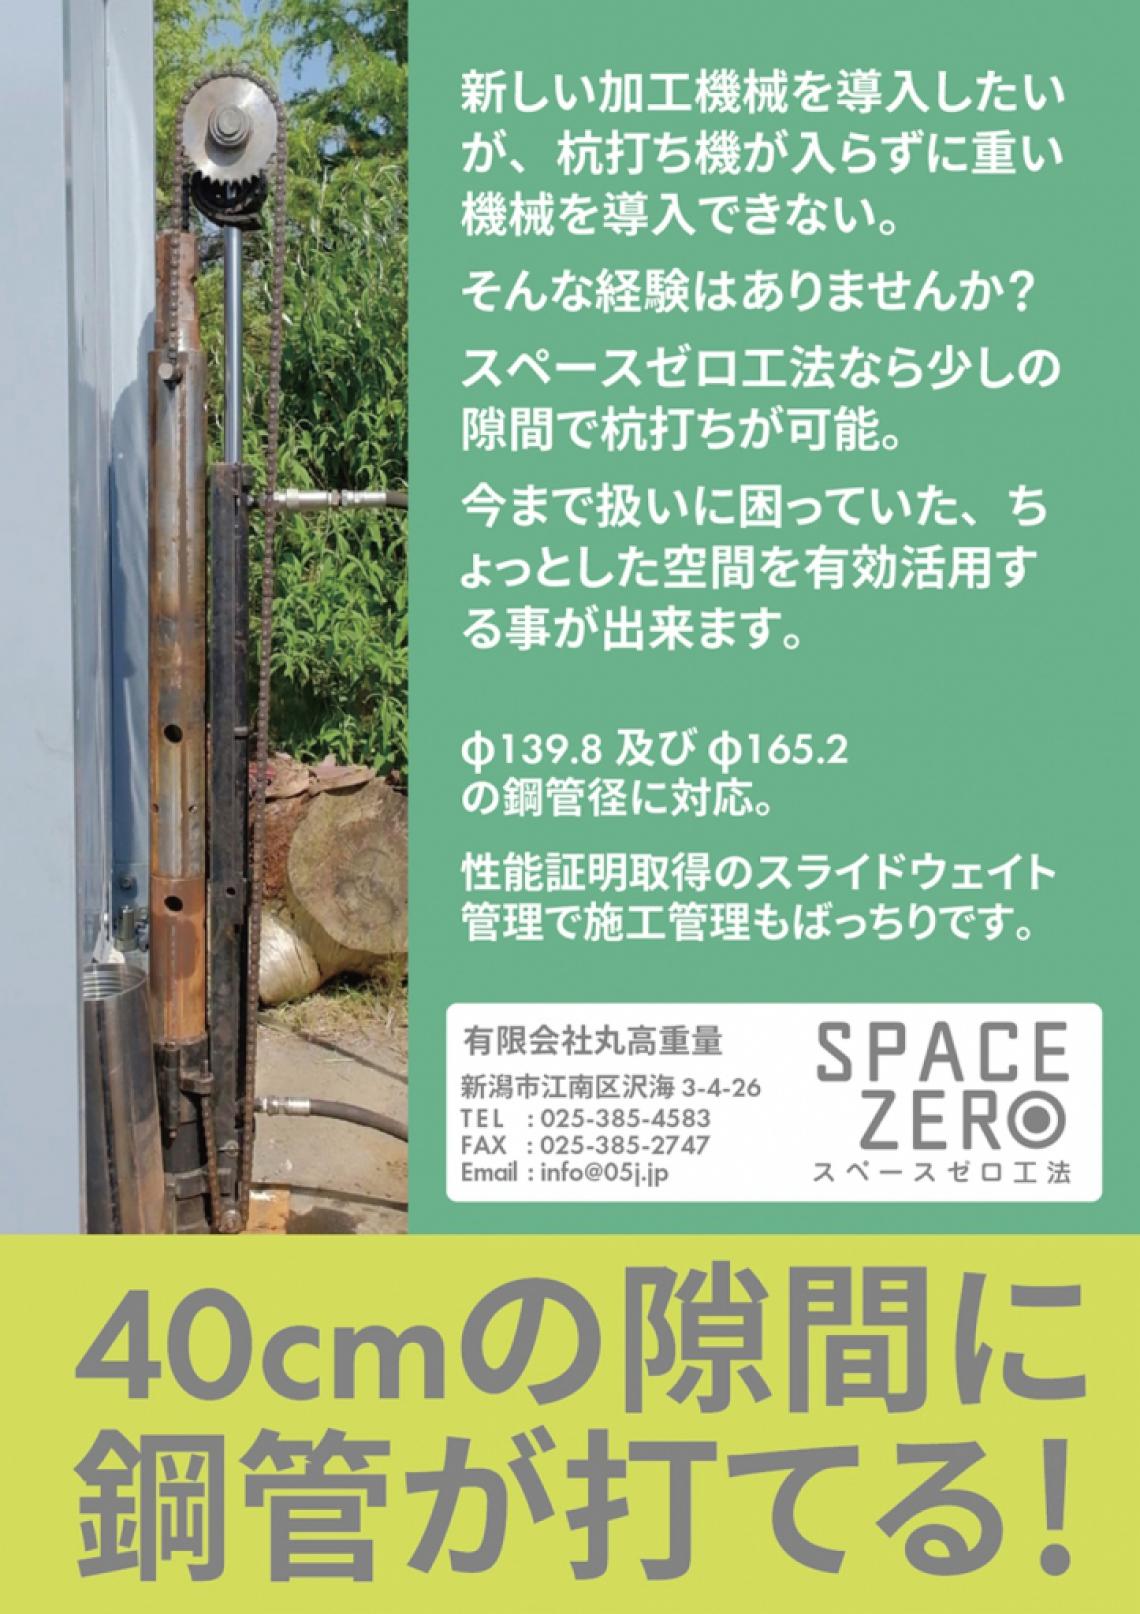 スペースゼロ工法